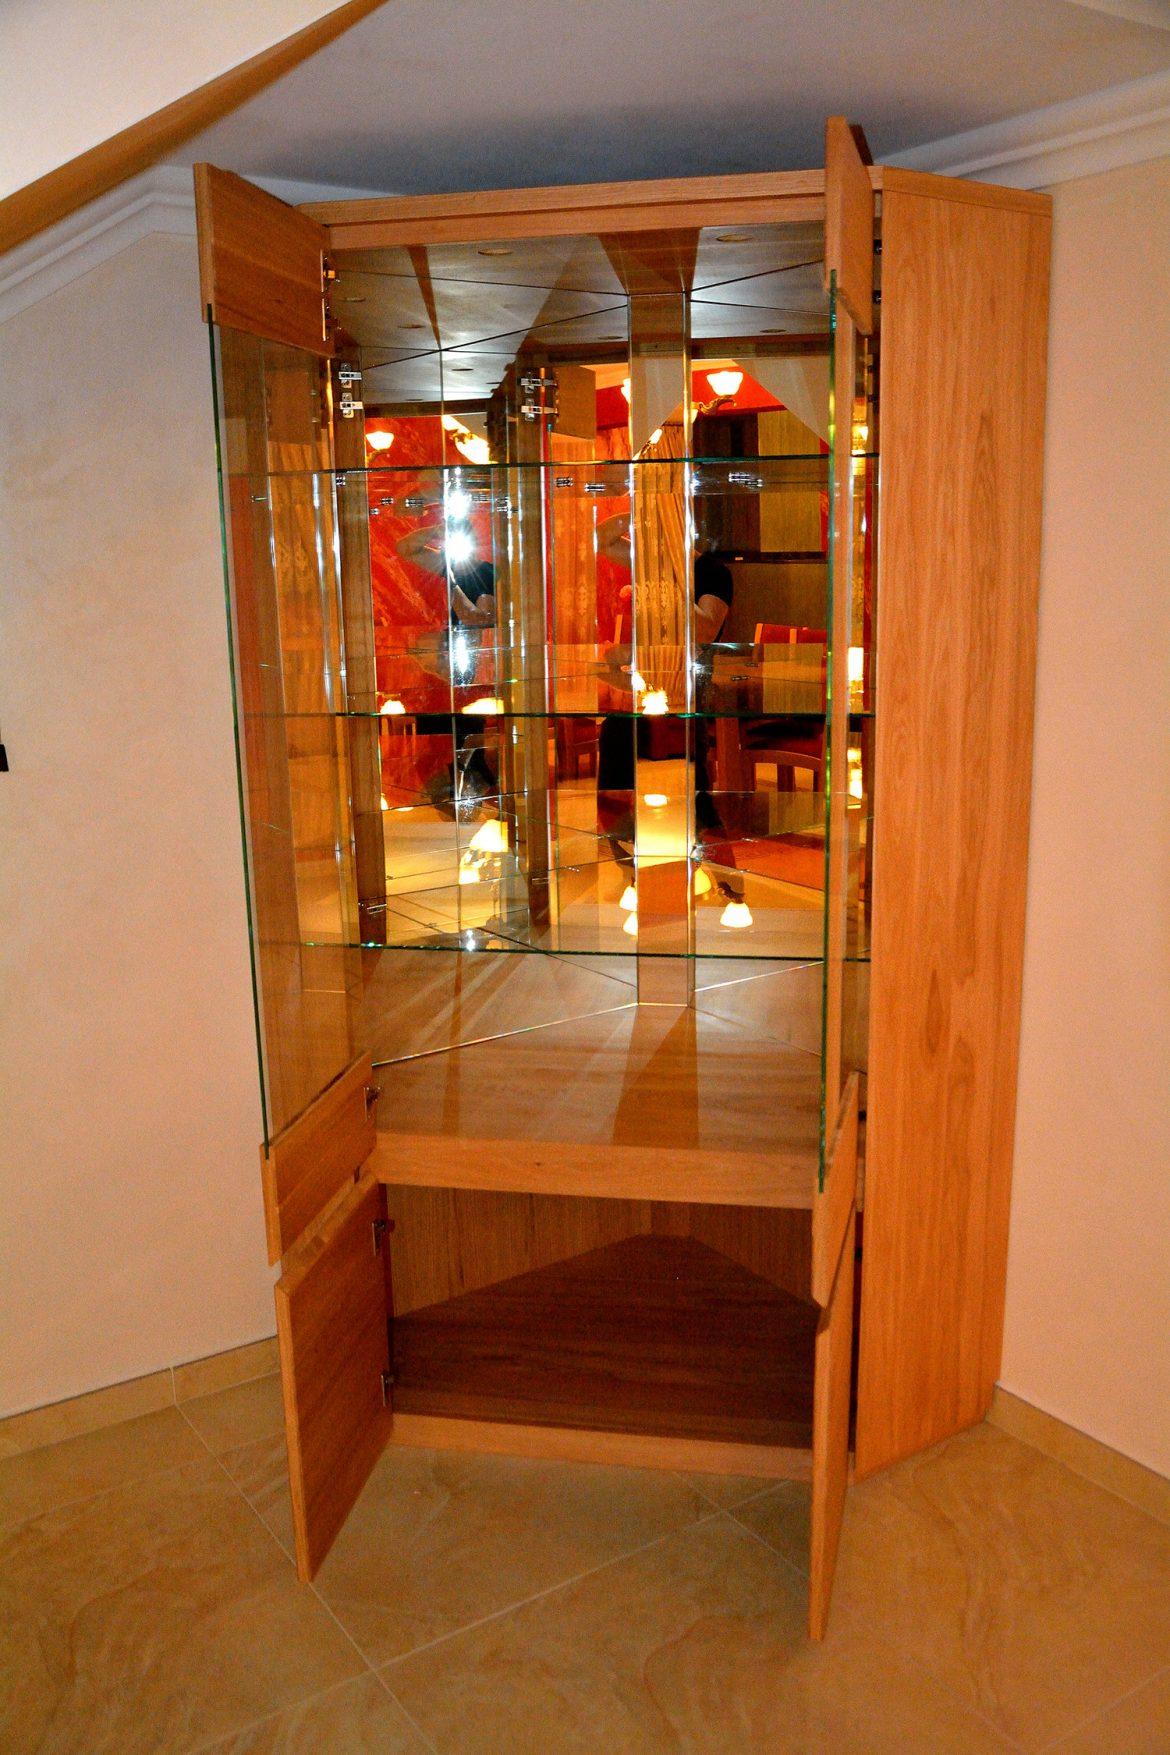 Vitrina realizata pe comanda din lemn masiv stejar natur cu polite interioare din sticla si banda led cu oglinzi interioare pentru a creea spatialitate